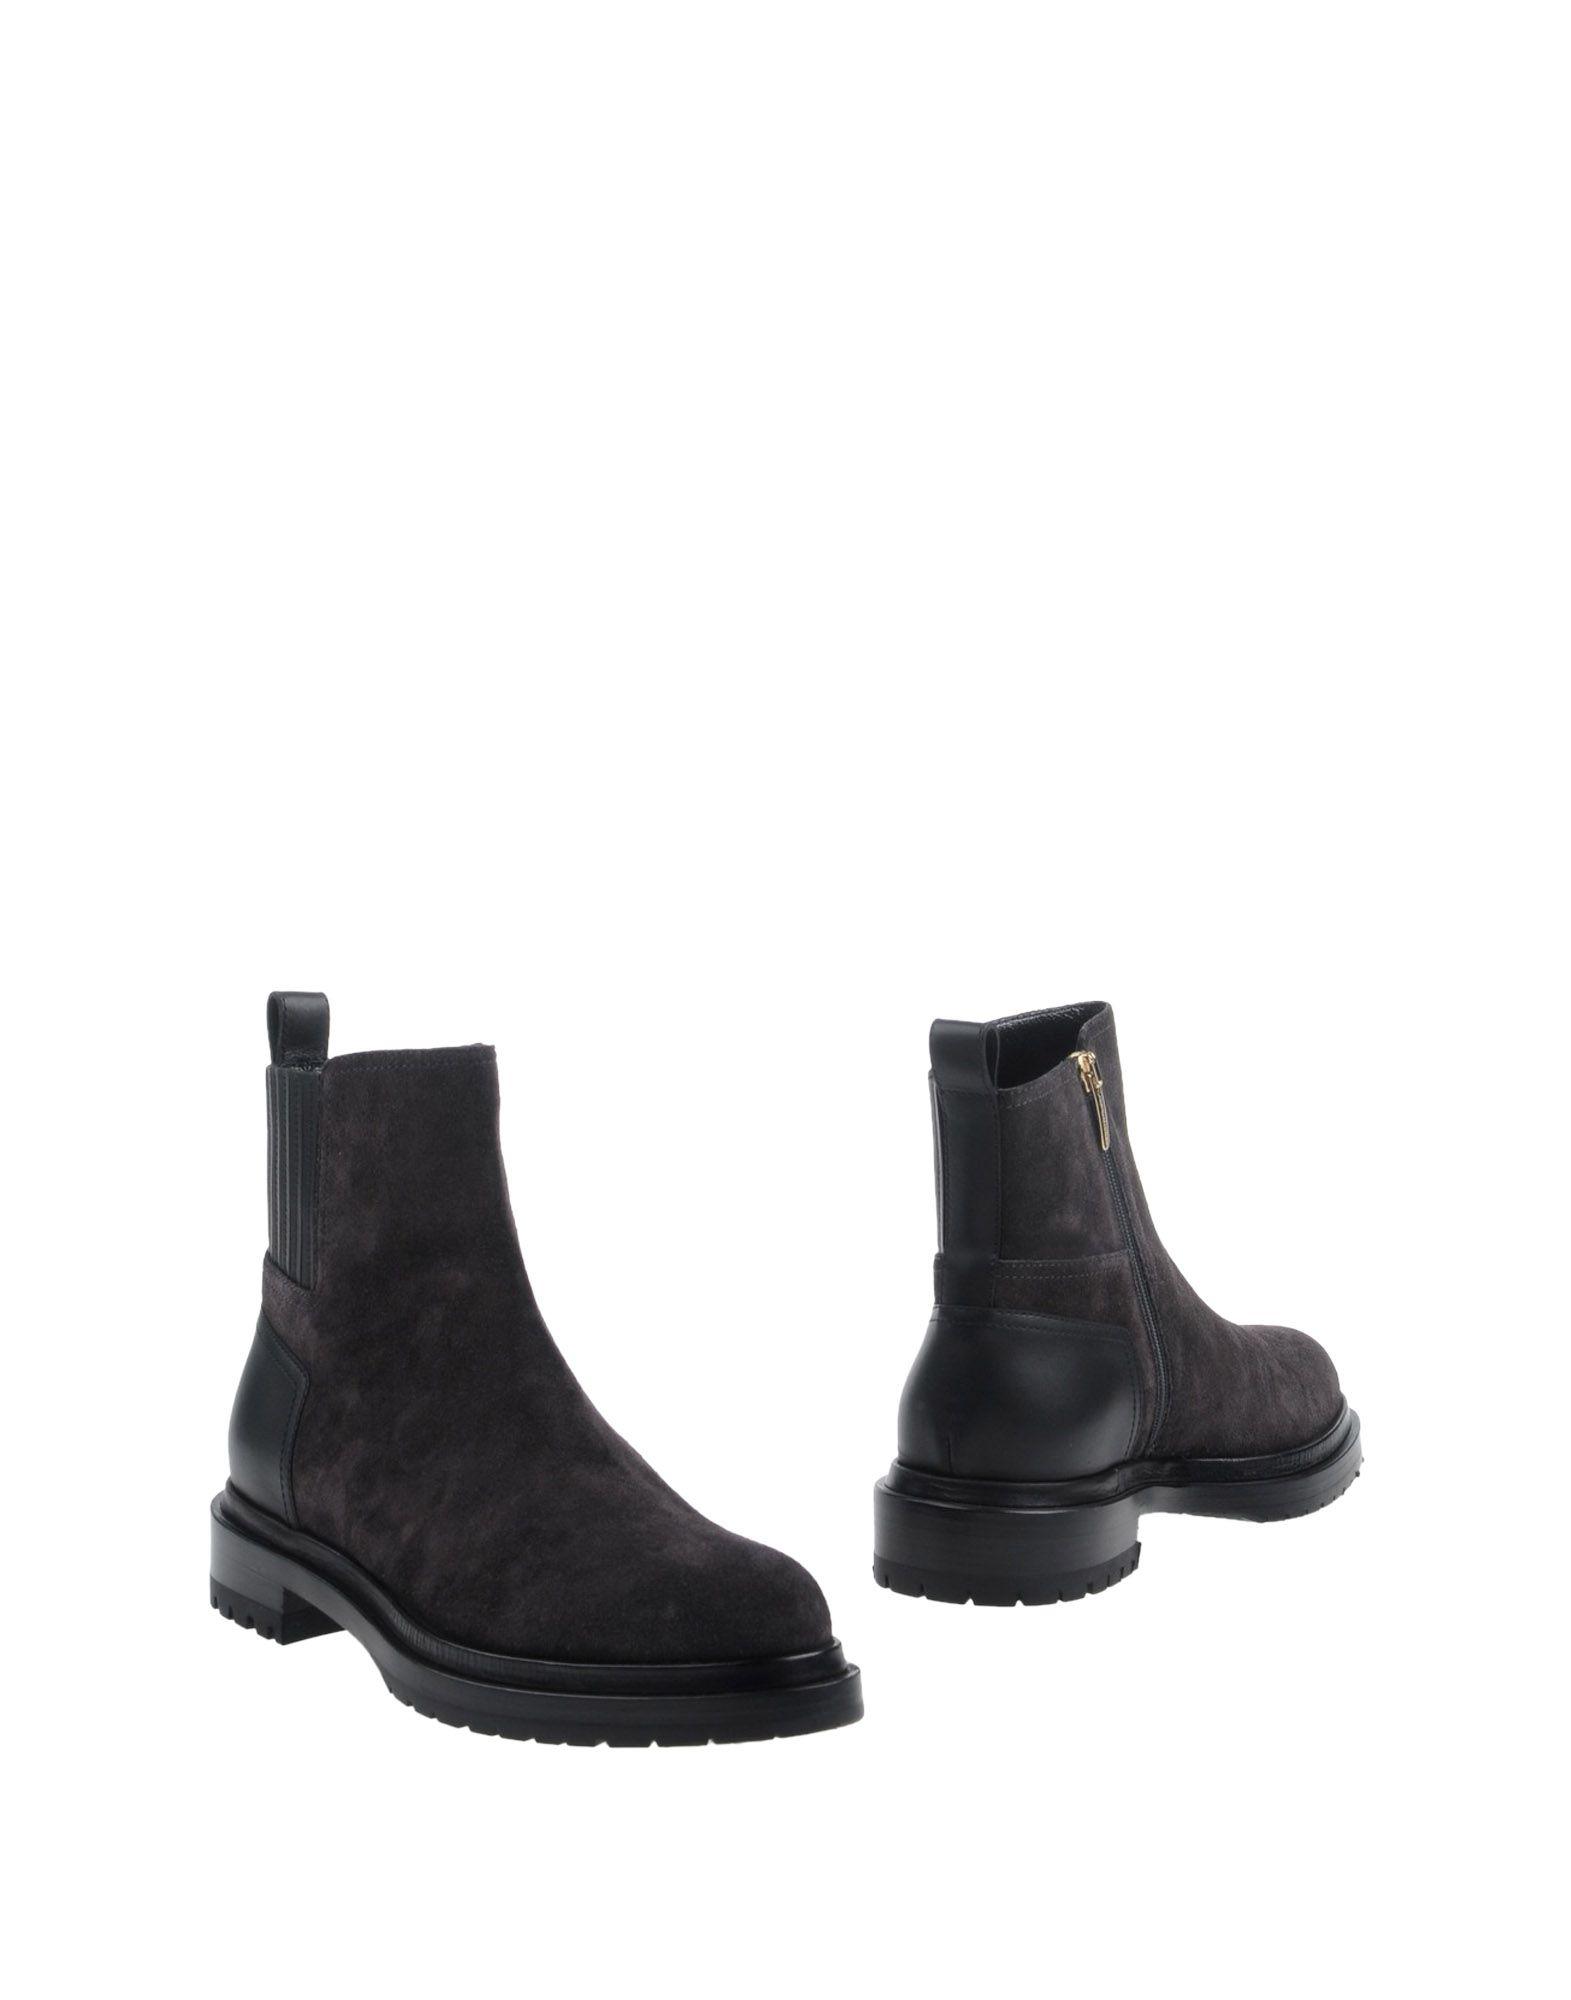 Sergio Rossi Stiefelette Damen Schuhe  11232920BGGünstige gut aussehende Schuhe Damen 7f1711